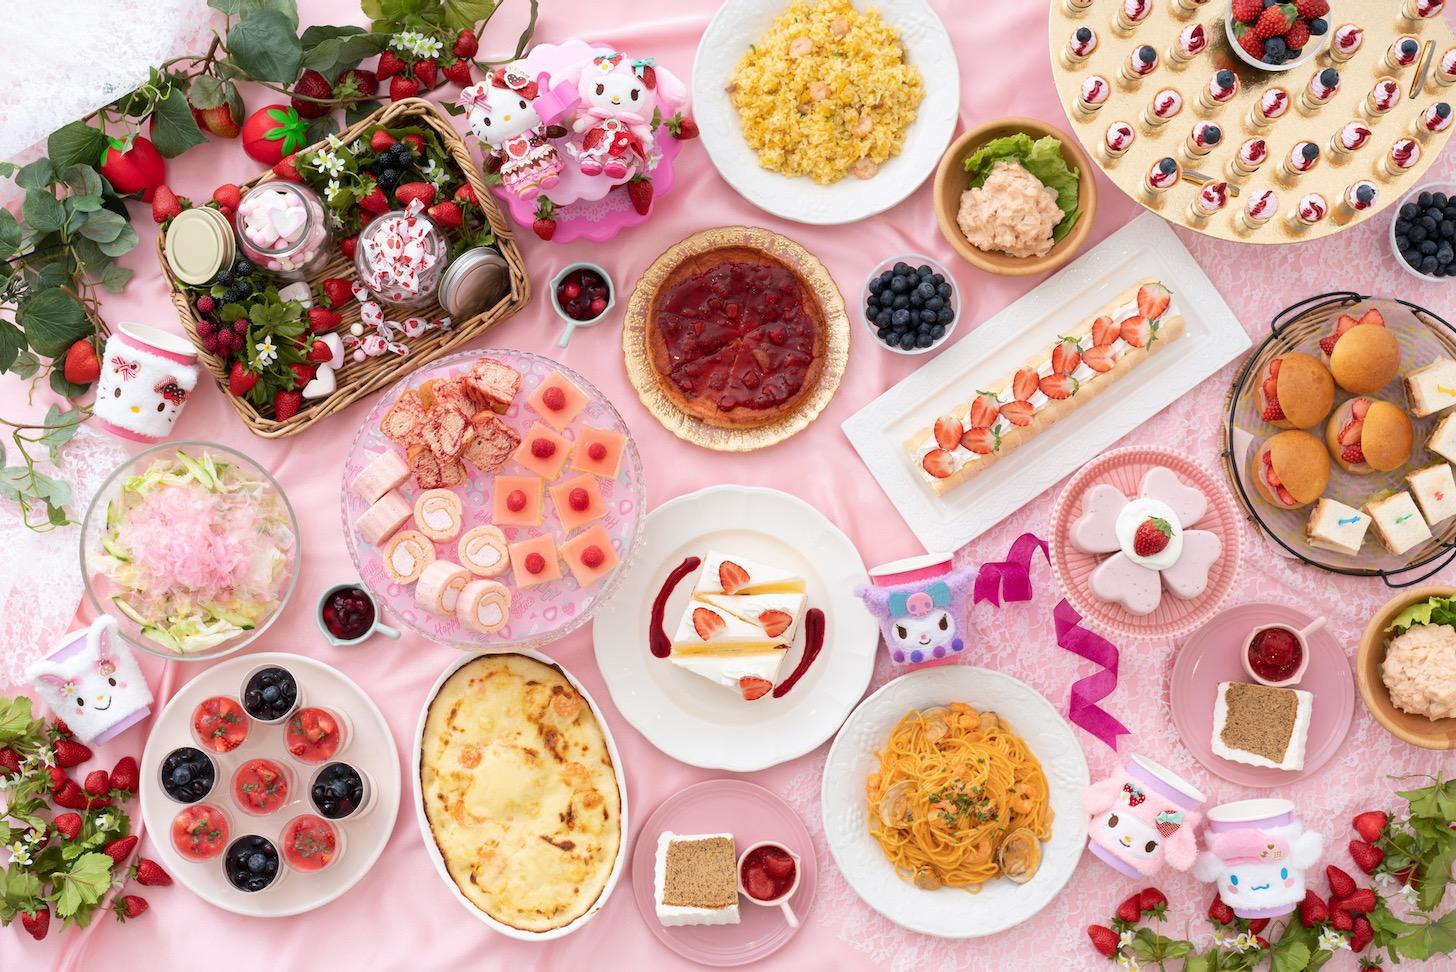 「館のレストラン」では、ベリーやチョコレートをテーマとしたスイーツビュッフェが開催